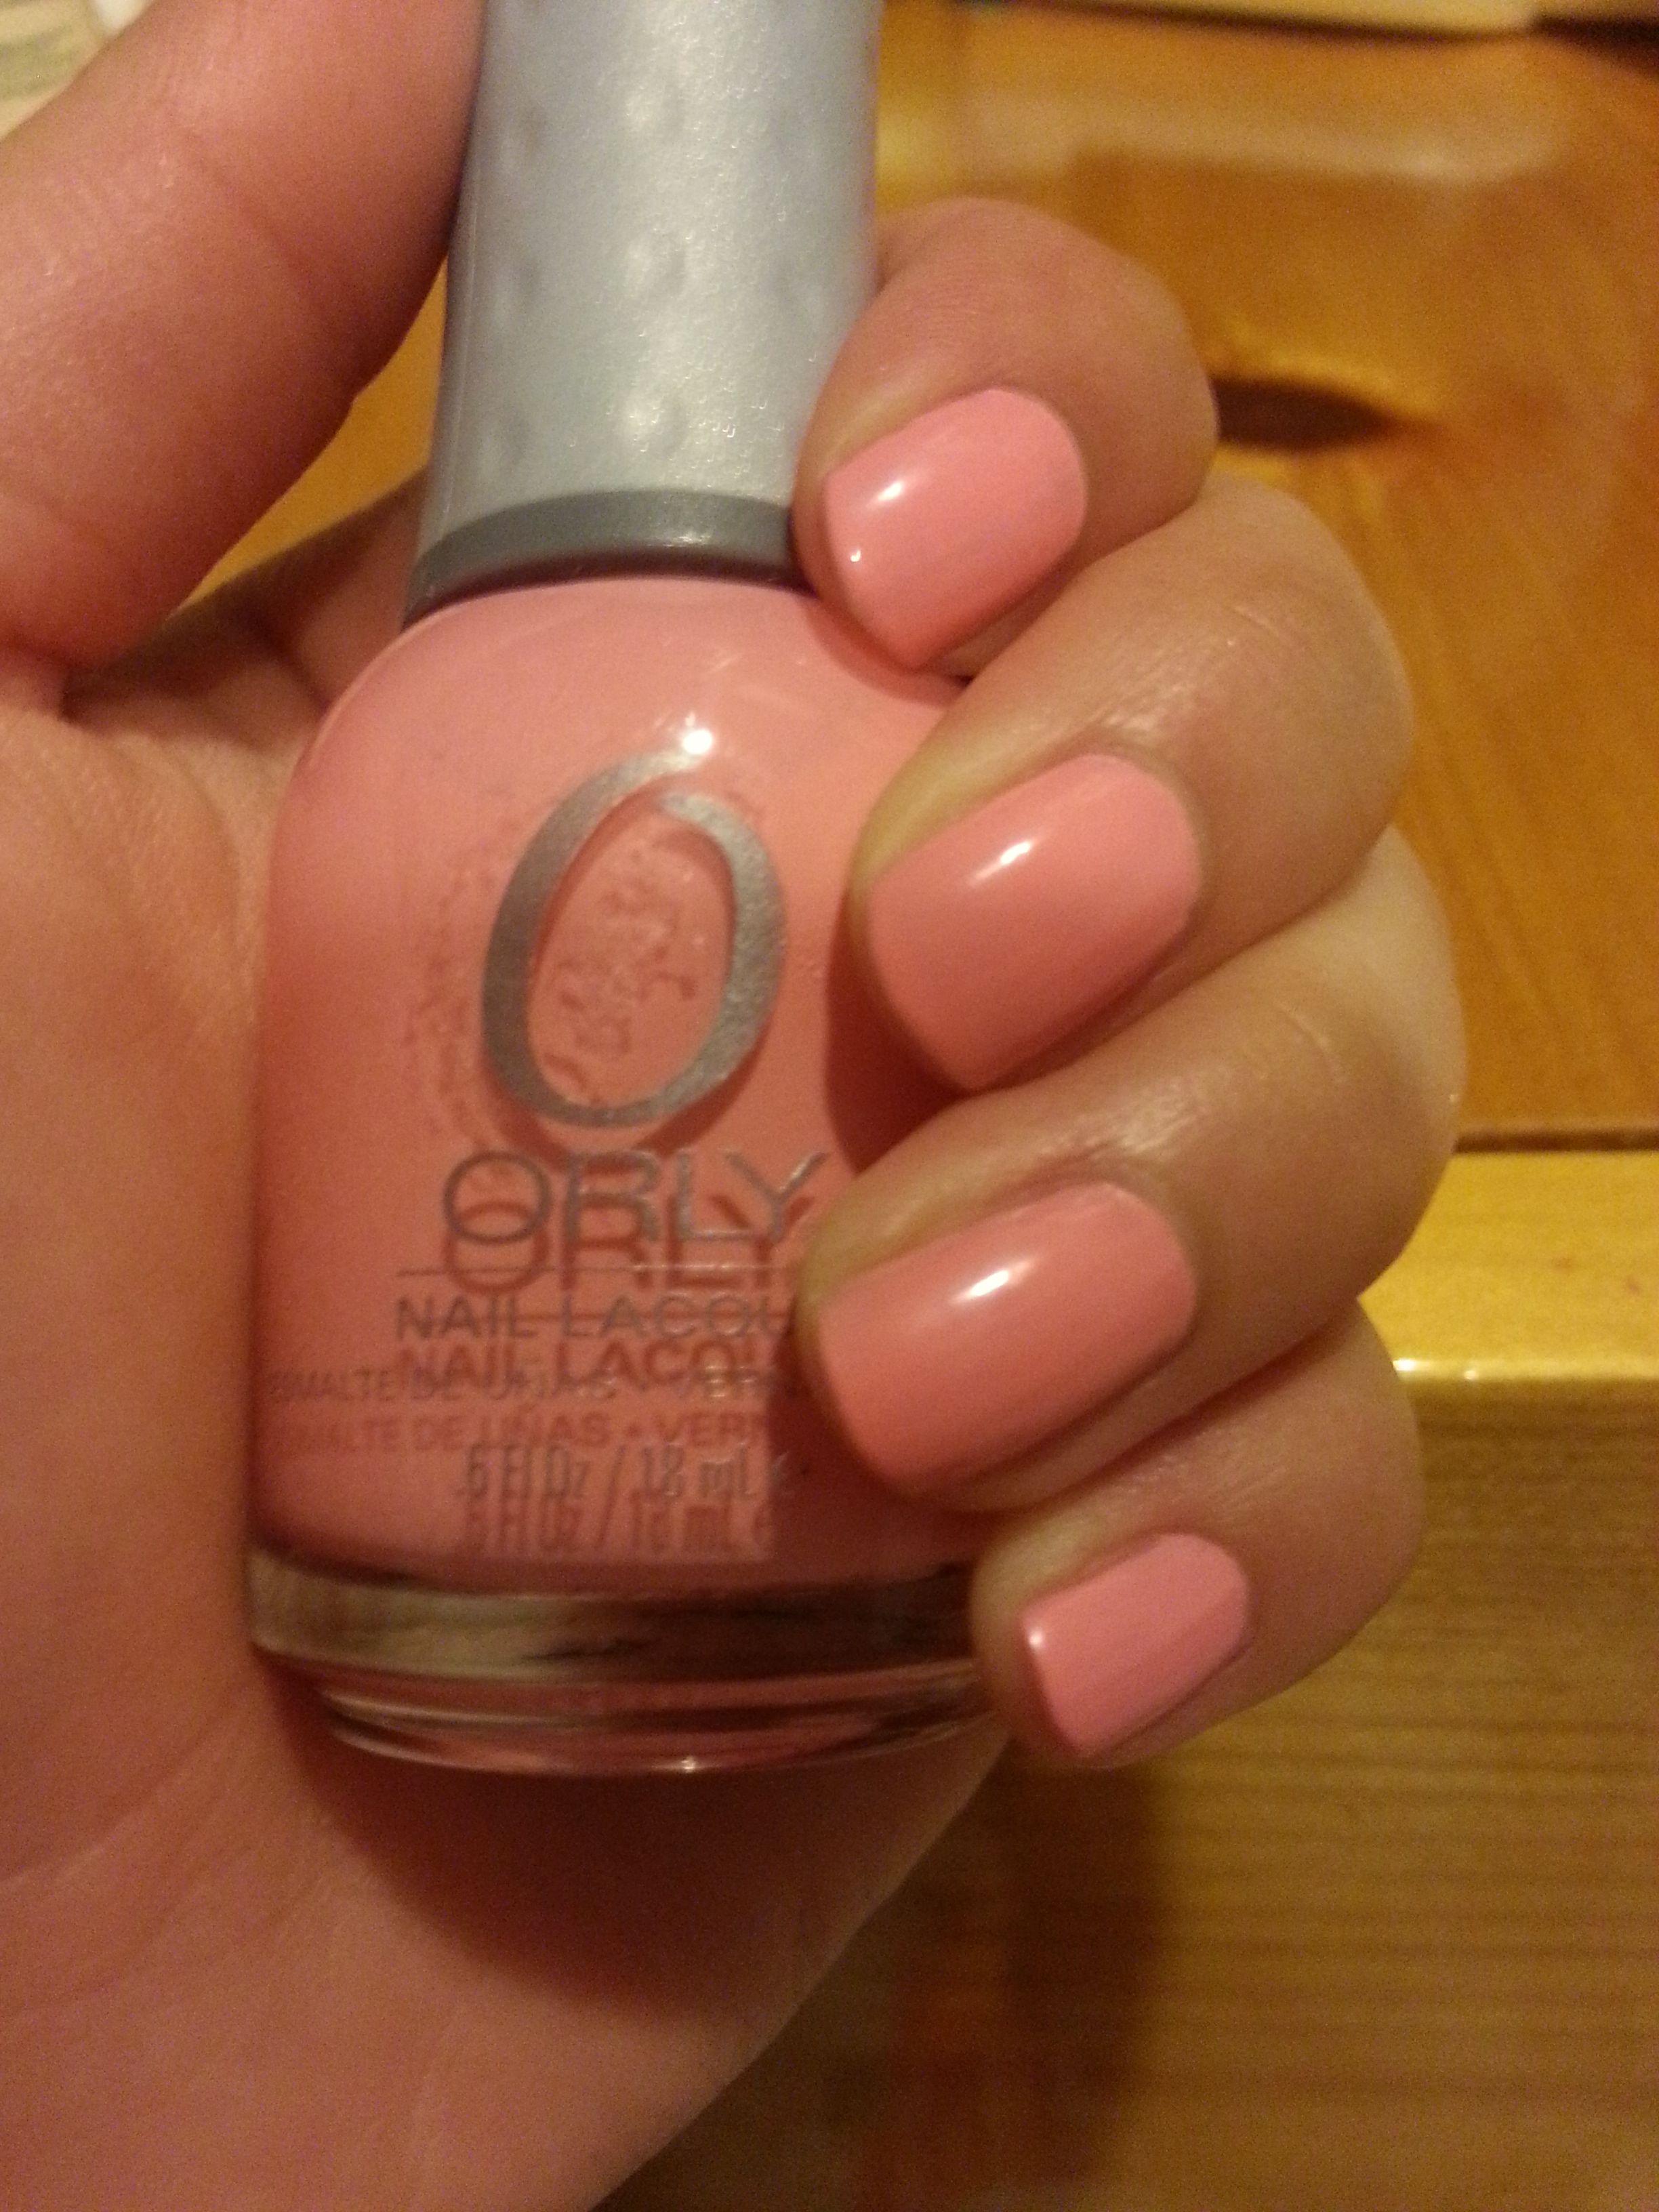 VanillaDreamCream | pretty nails | Nail Polish, Pretty nails, Salmon ...